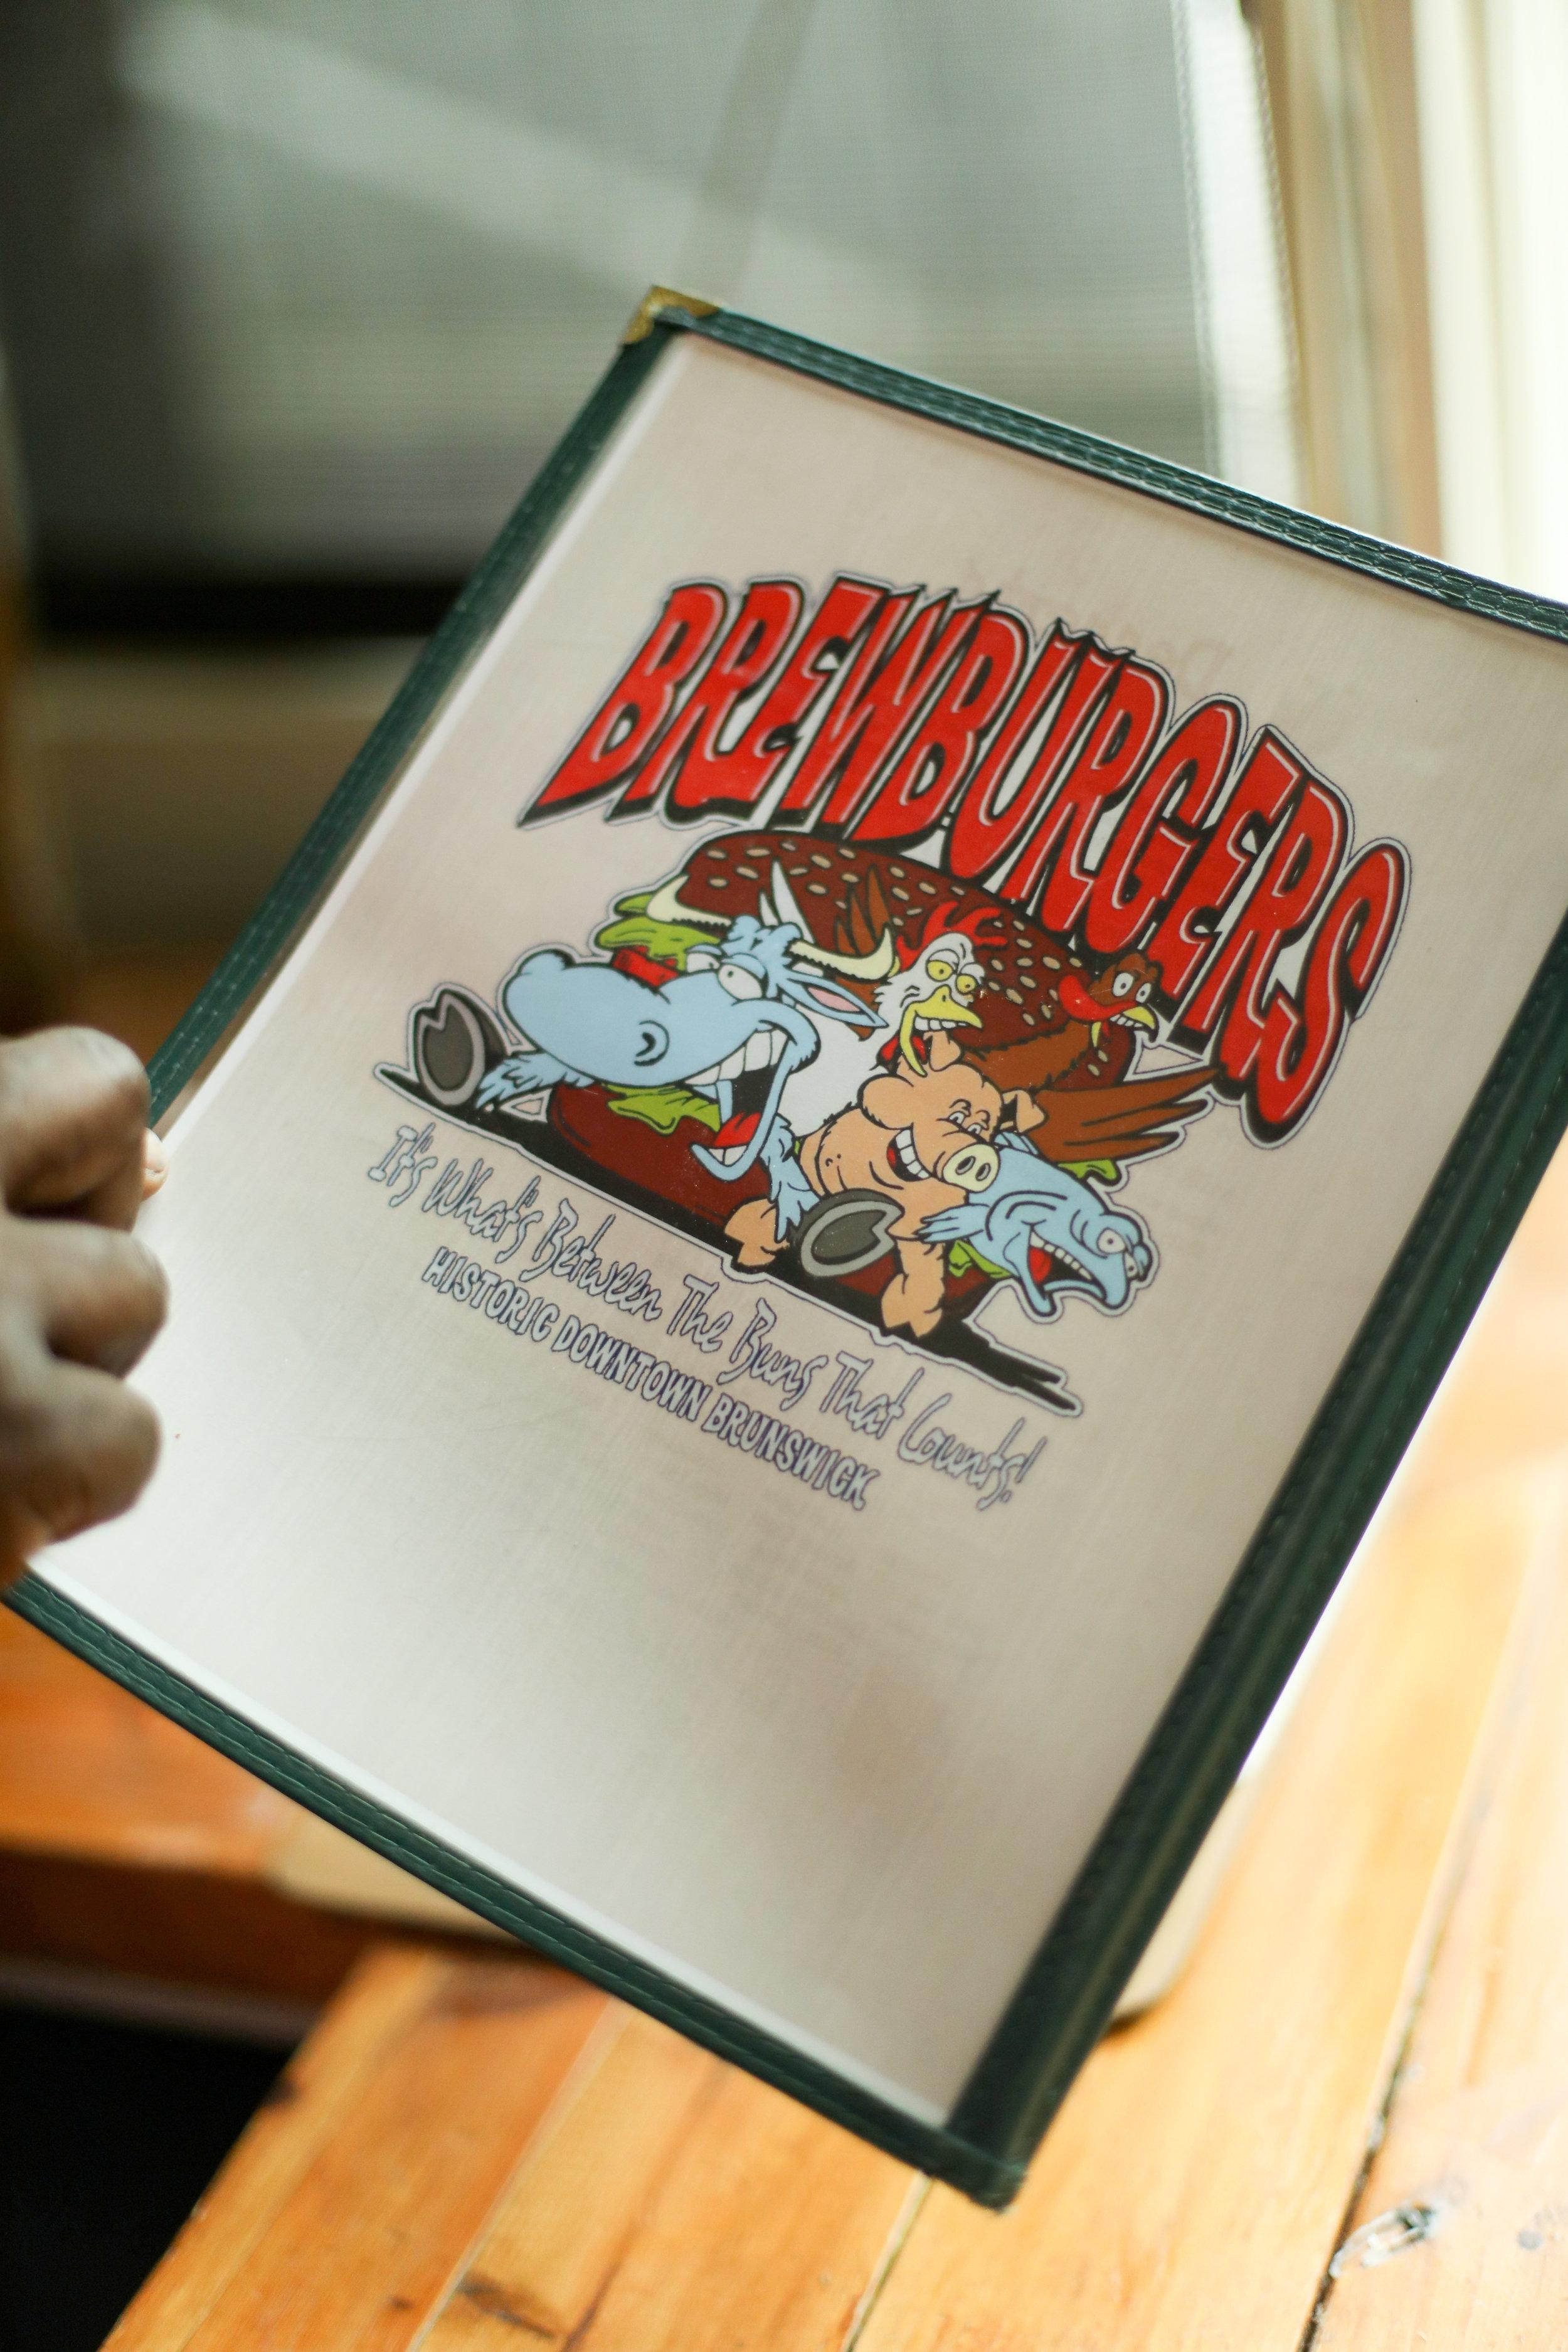 Brewburger's menu